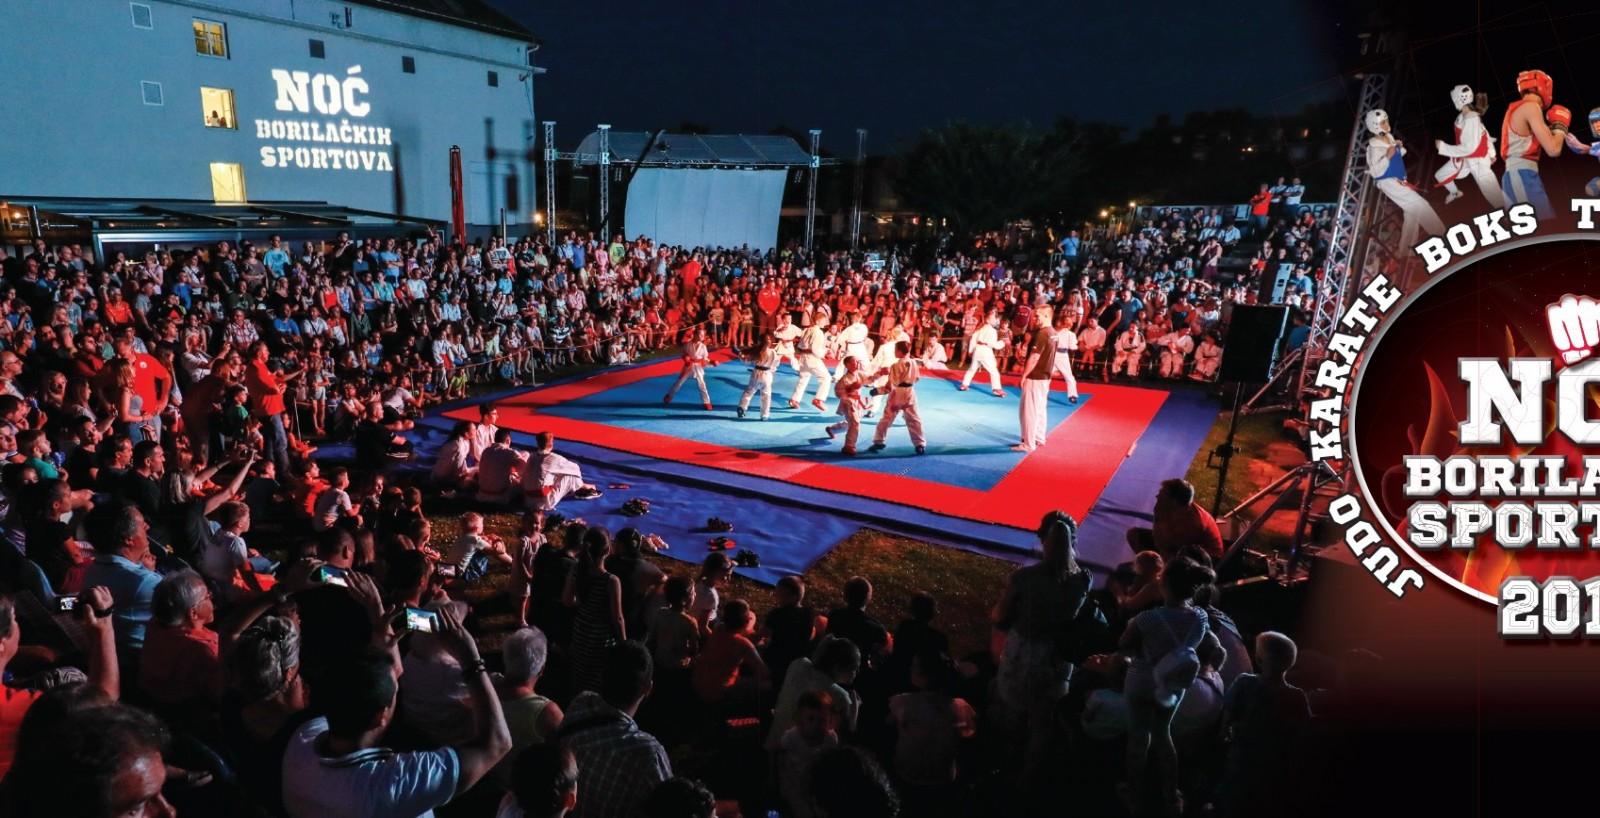 Noć borilačkih sportova i Rekreatur ovog vikenda